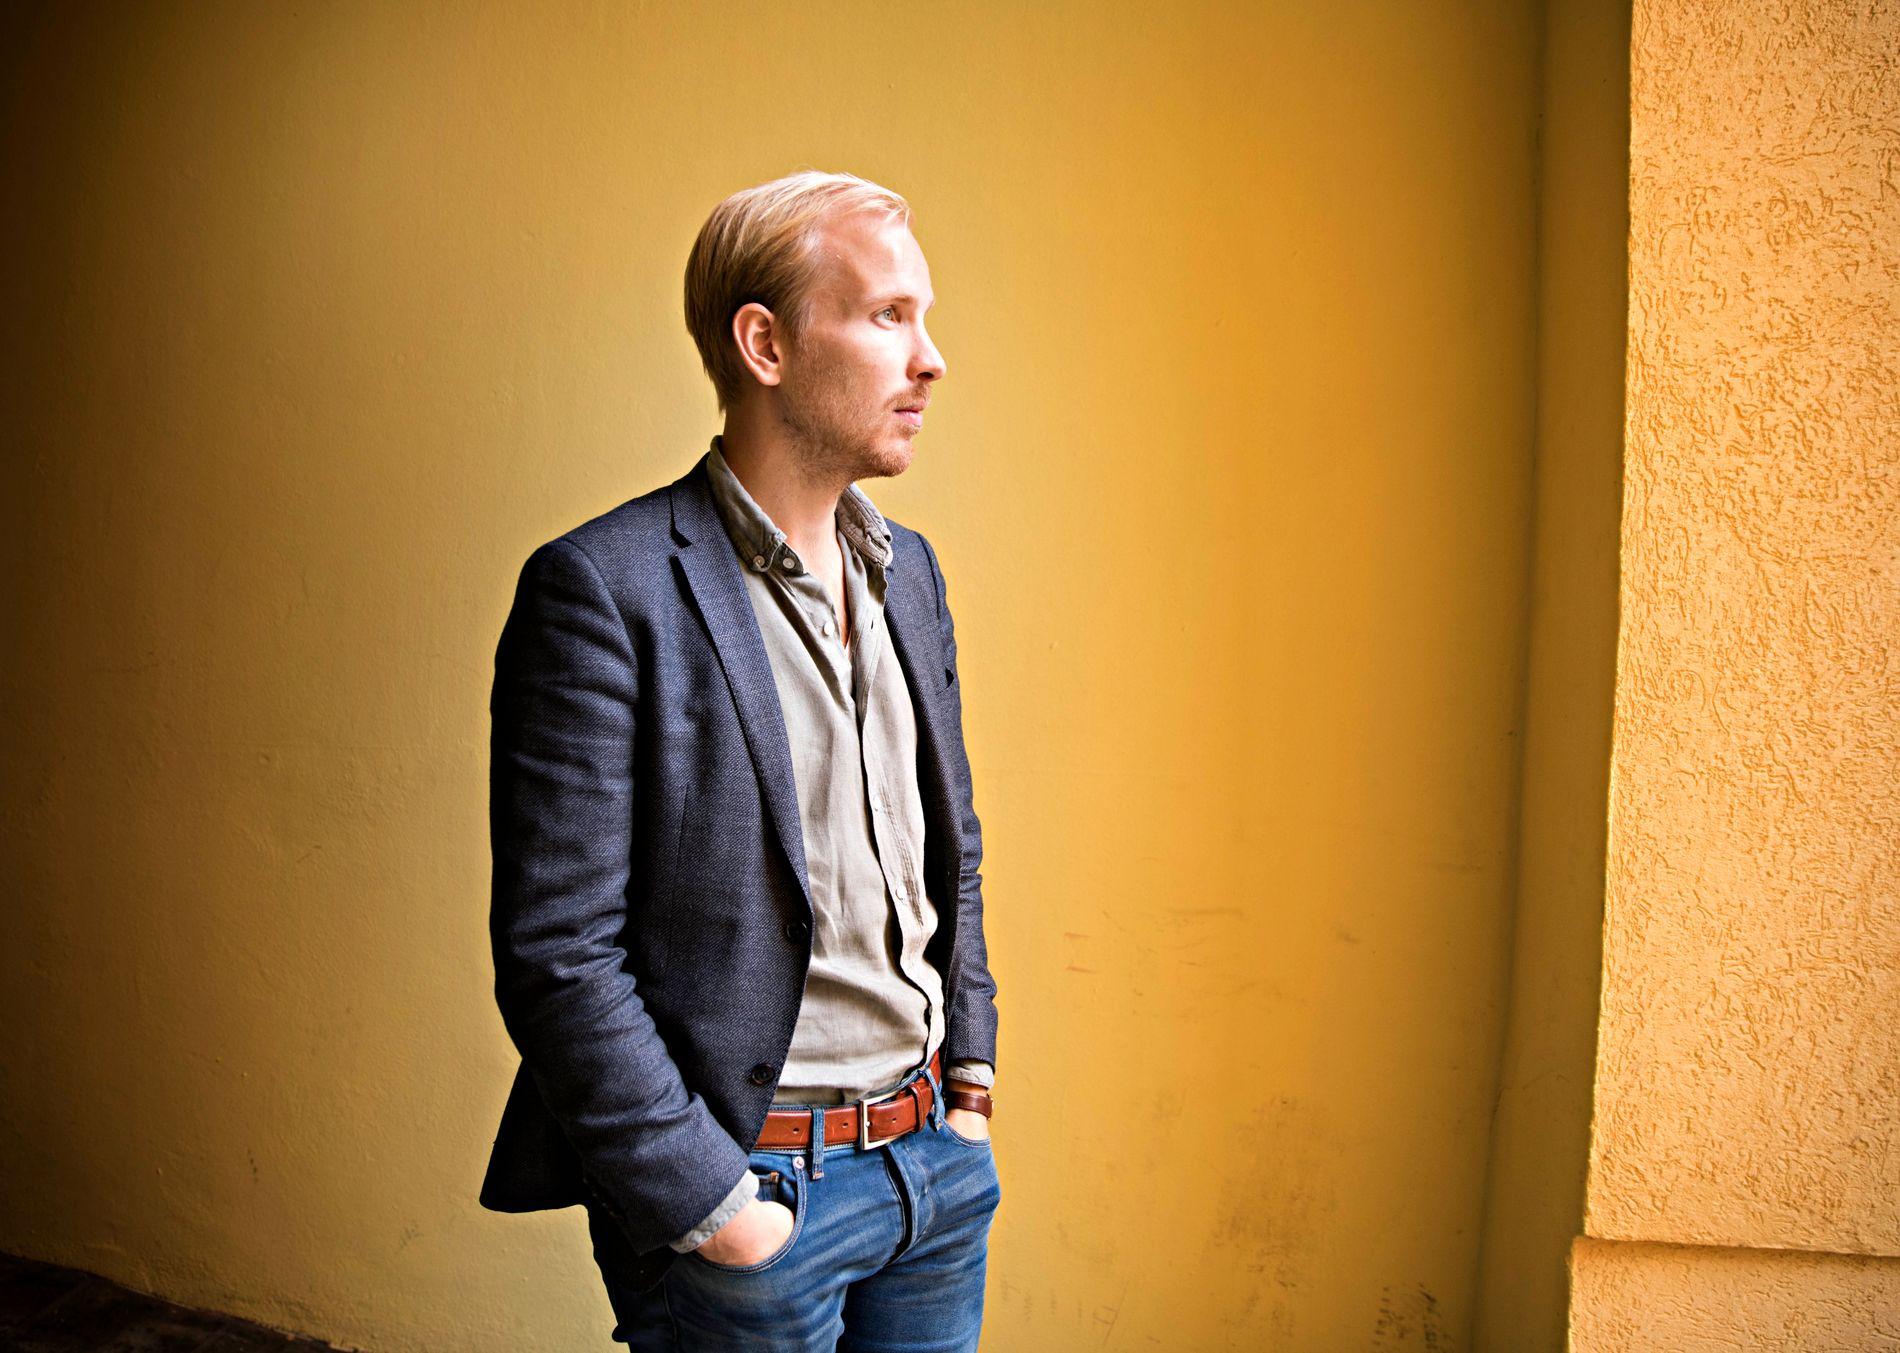 FORKJEMPER: Rutger Bregman har skrevet boken «Utopia for realister», og holdt i 2017 et TED-foredrag der han argumenterer for garantert minstelønn, eller borgerlønn.